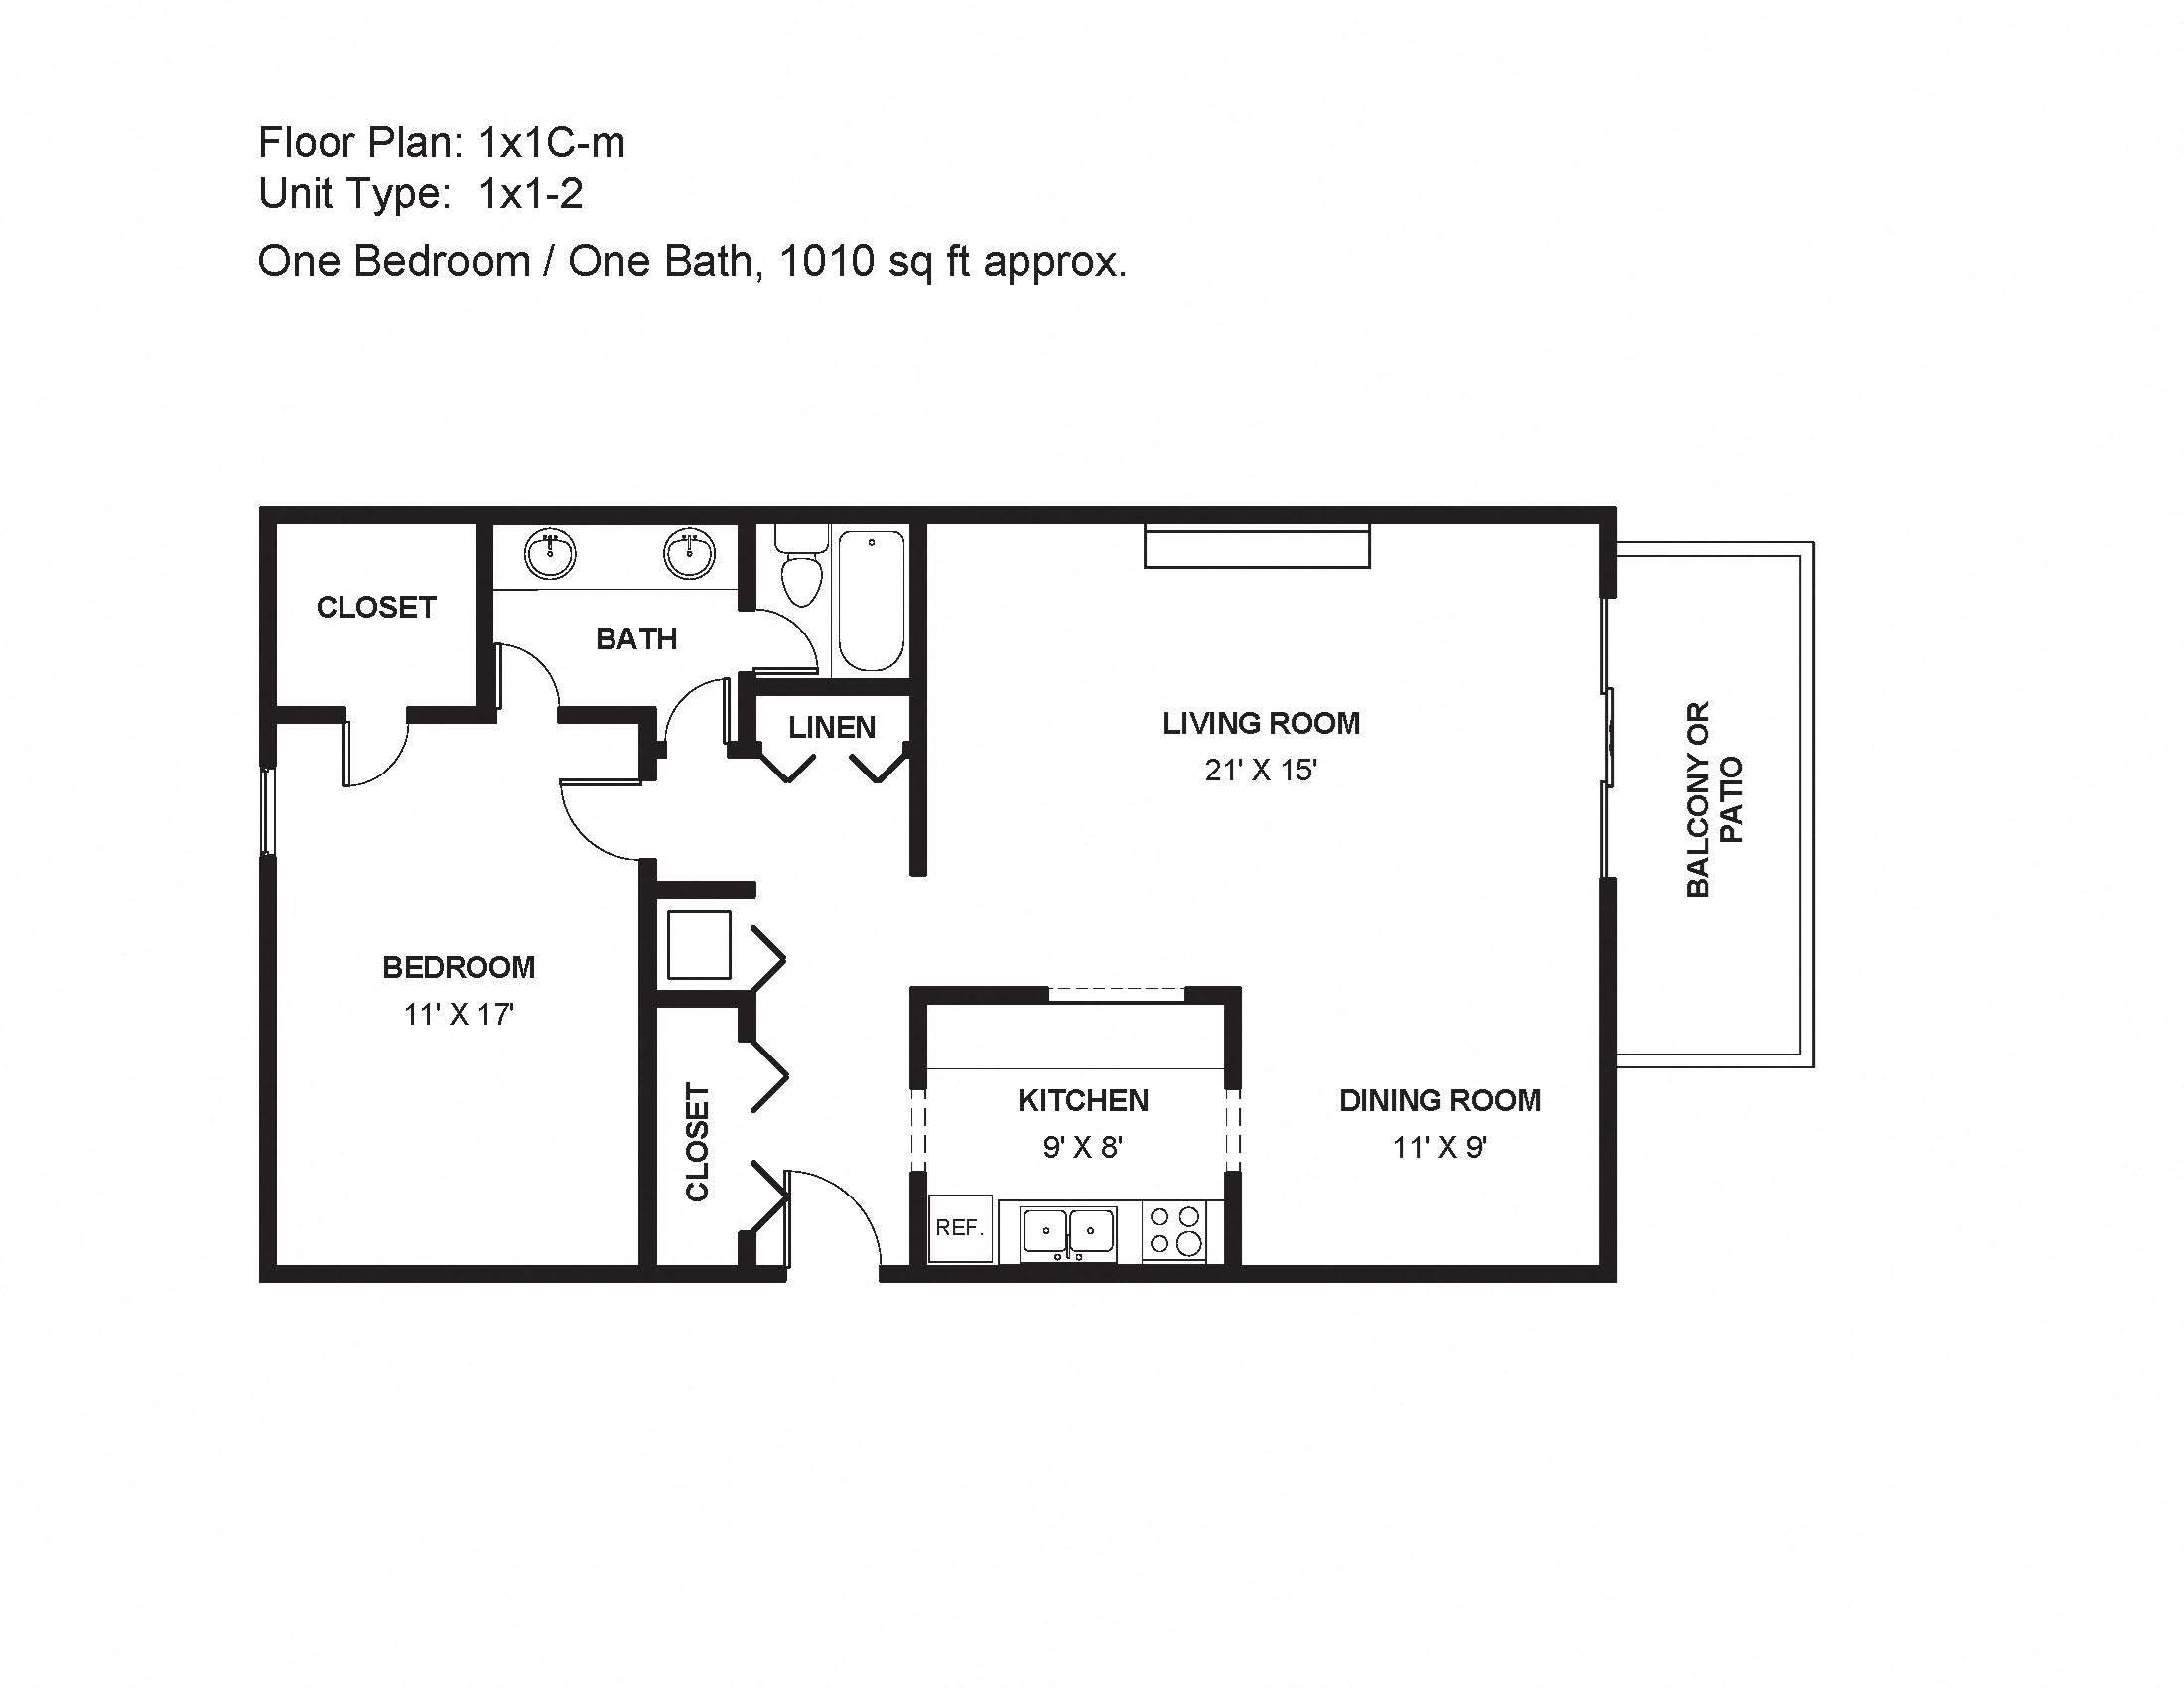 1x1C-m Floor Plan 5